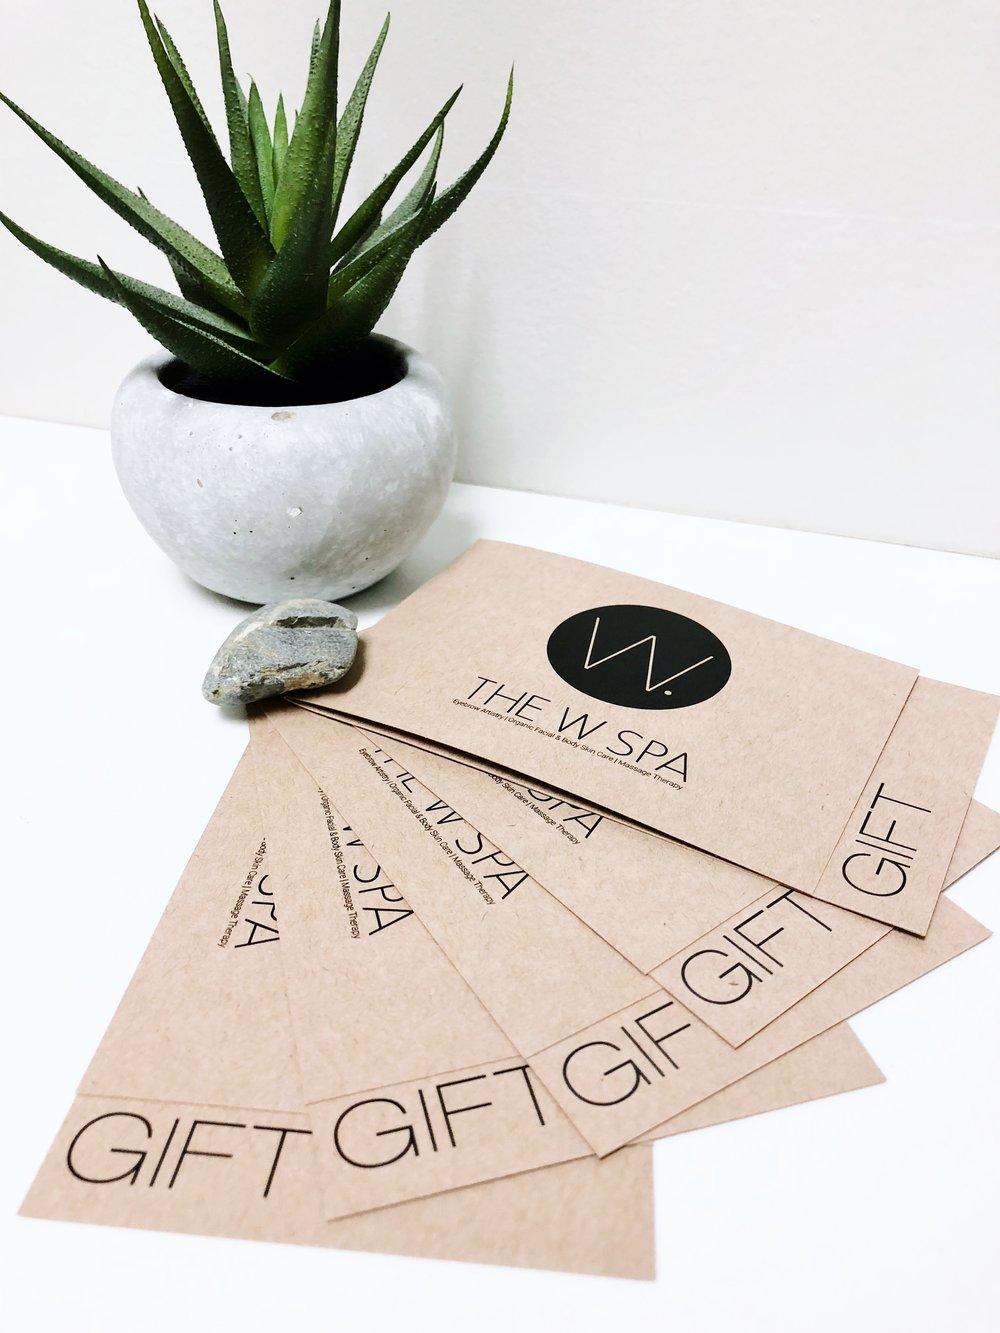 Gift_Certificates_White.JPG